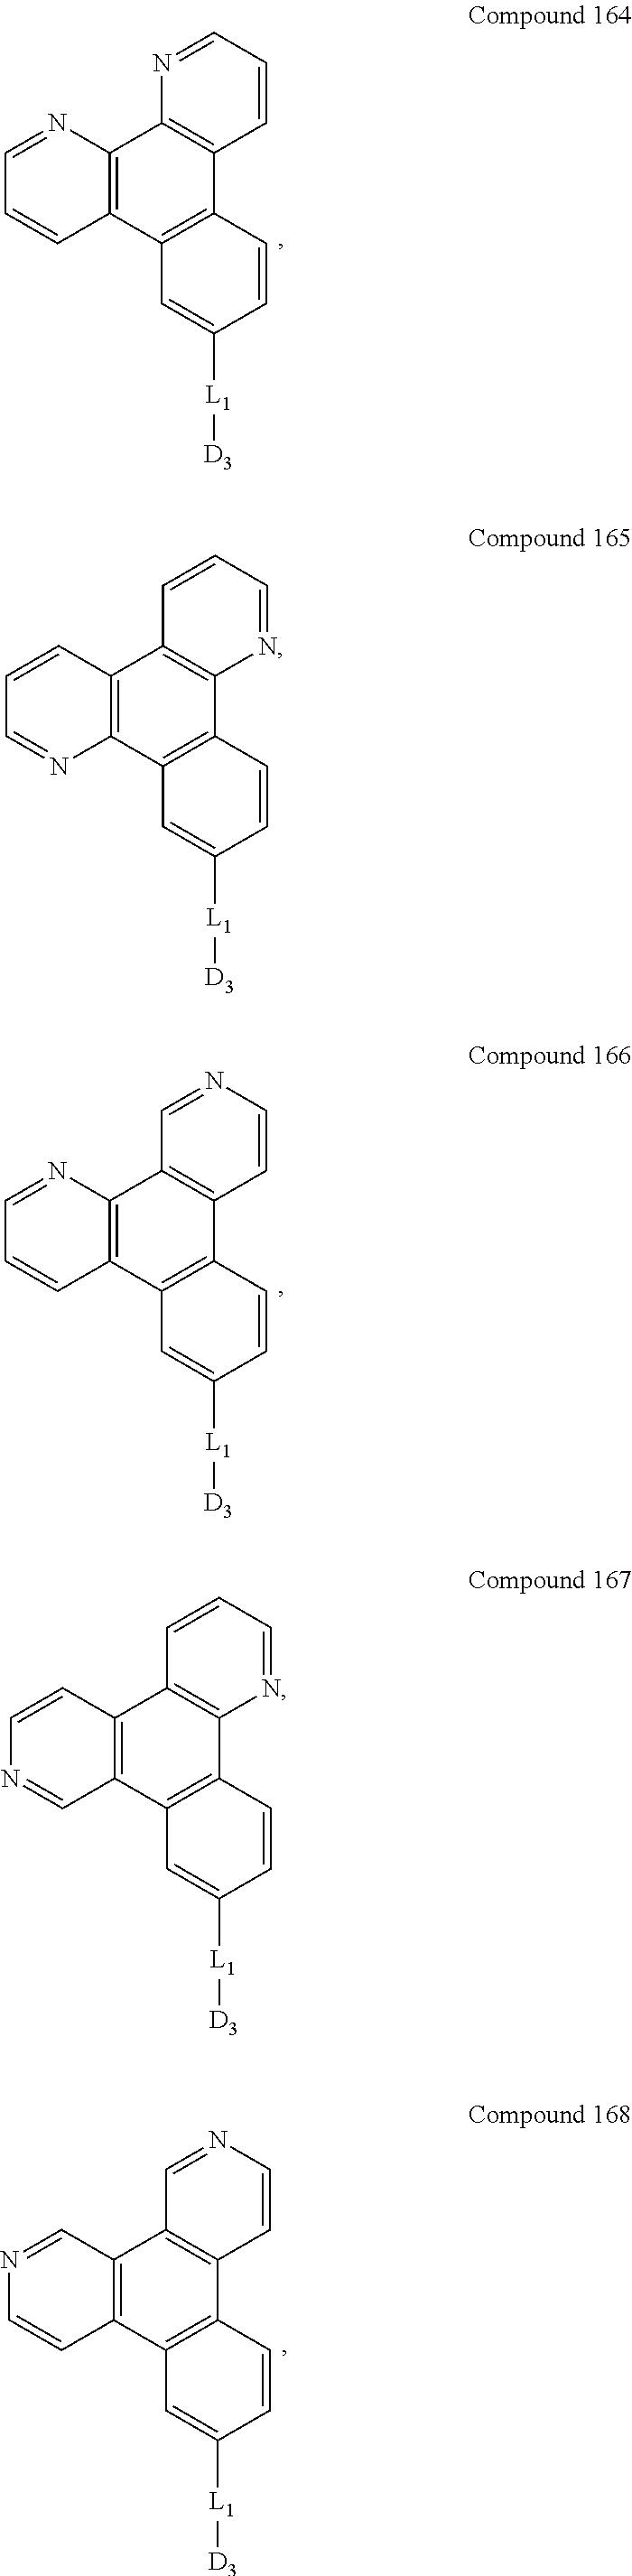 Figure US09537106-20170103-C00077